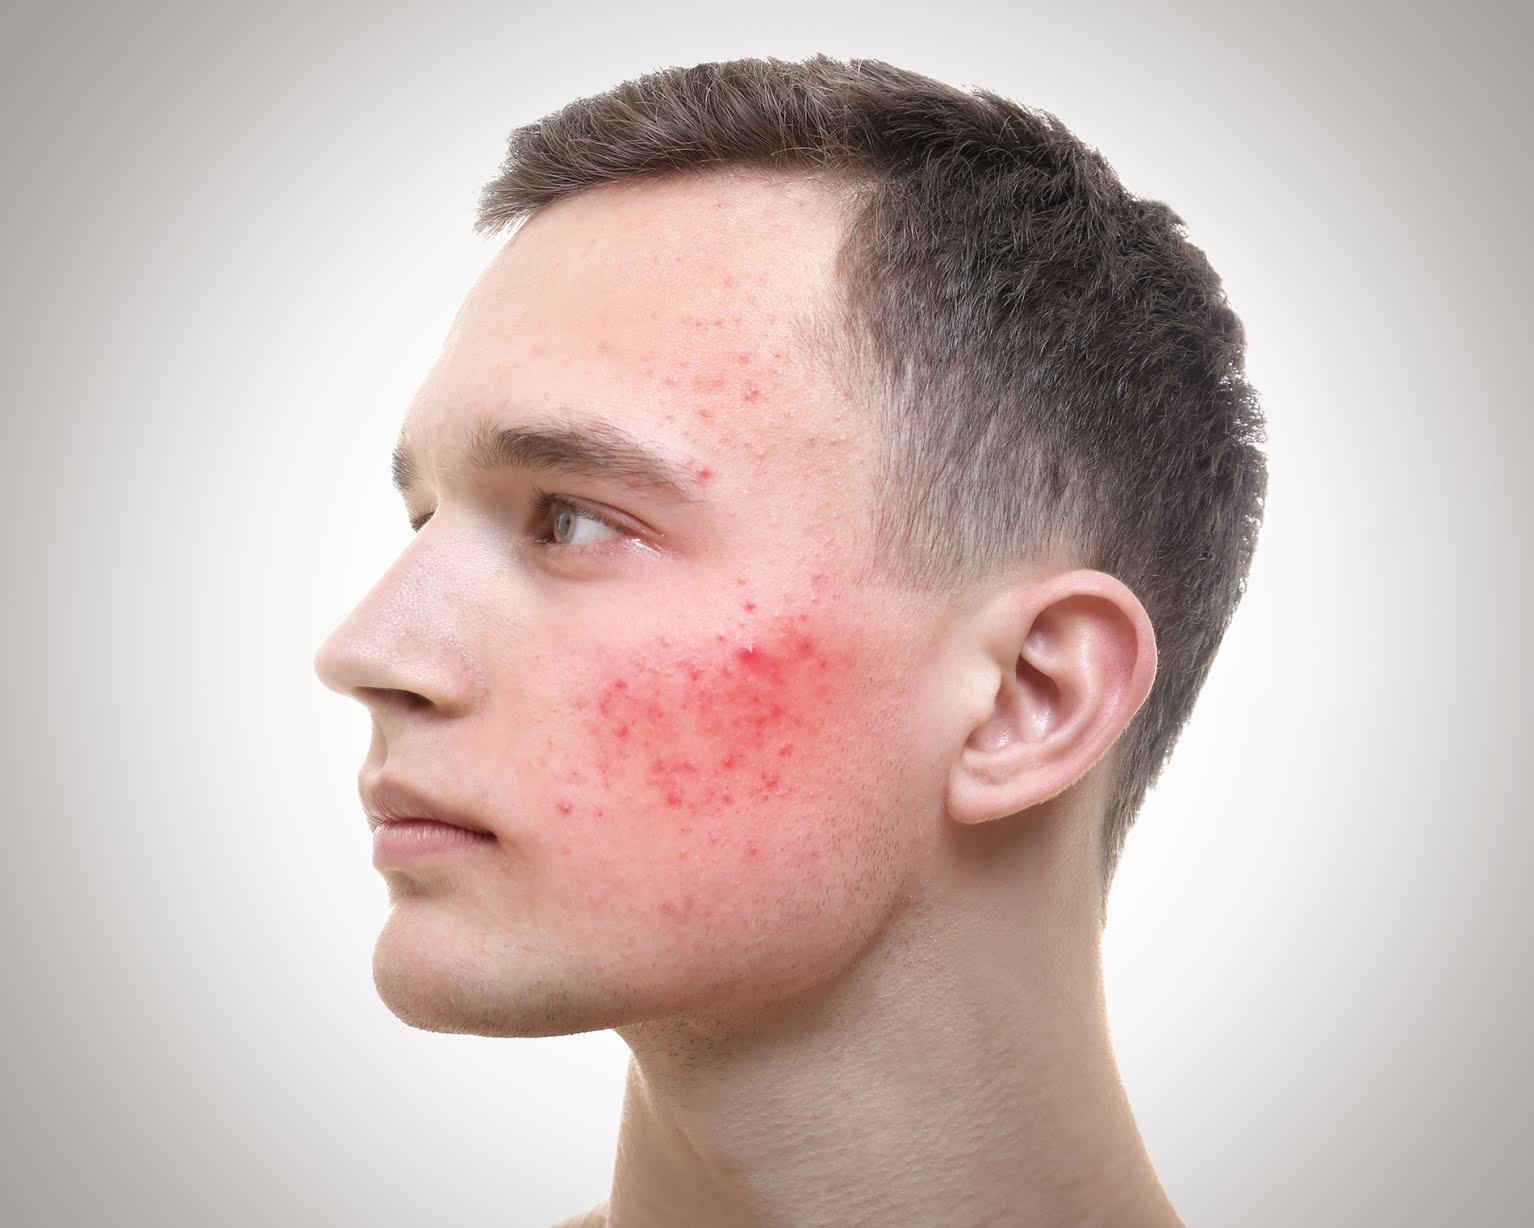 Padecimientos de la piel pueden detonar cuadros de depresión y más